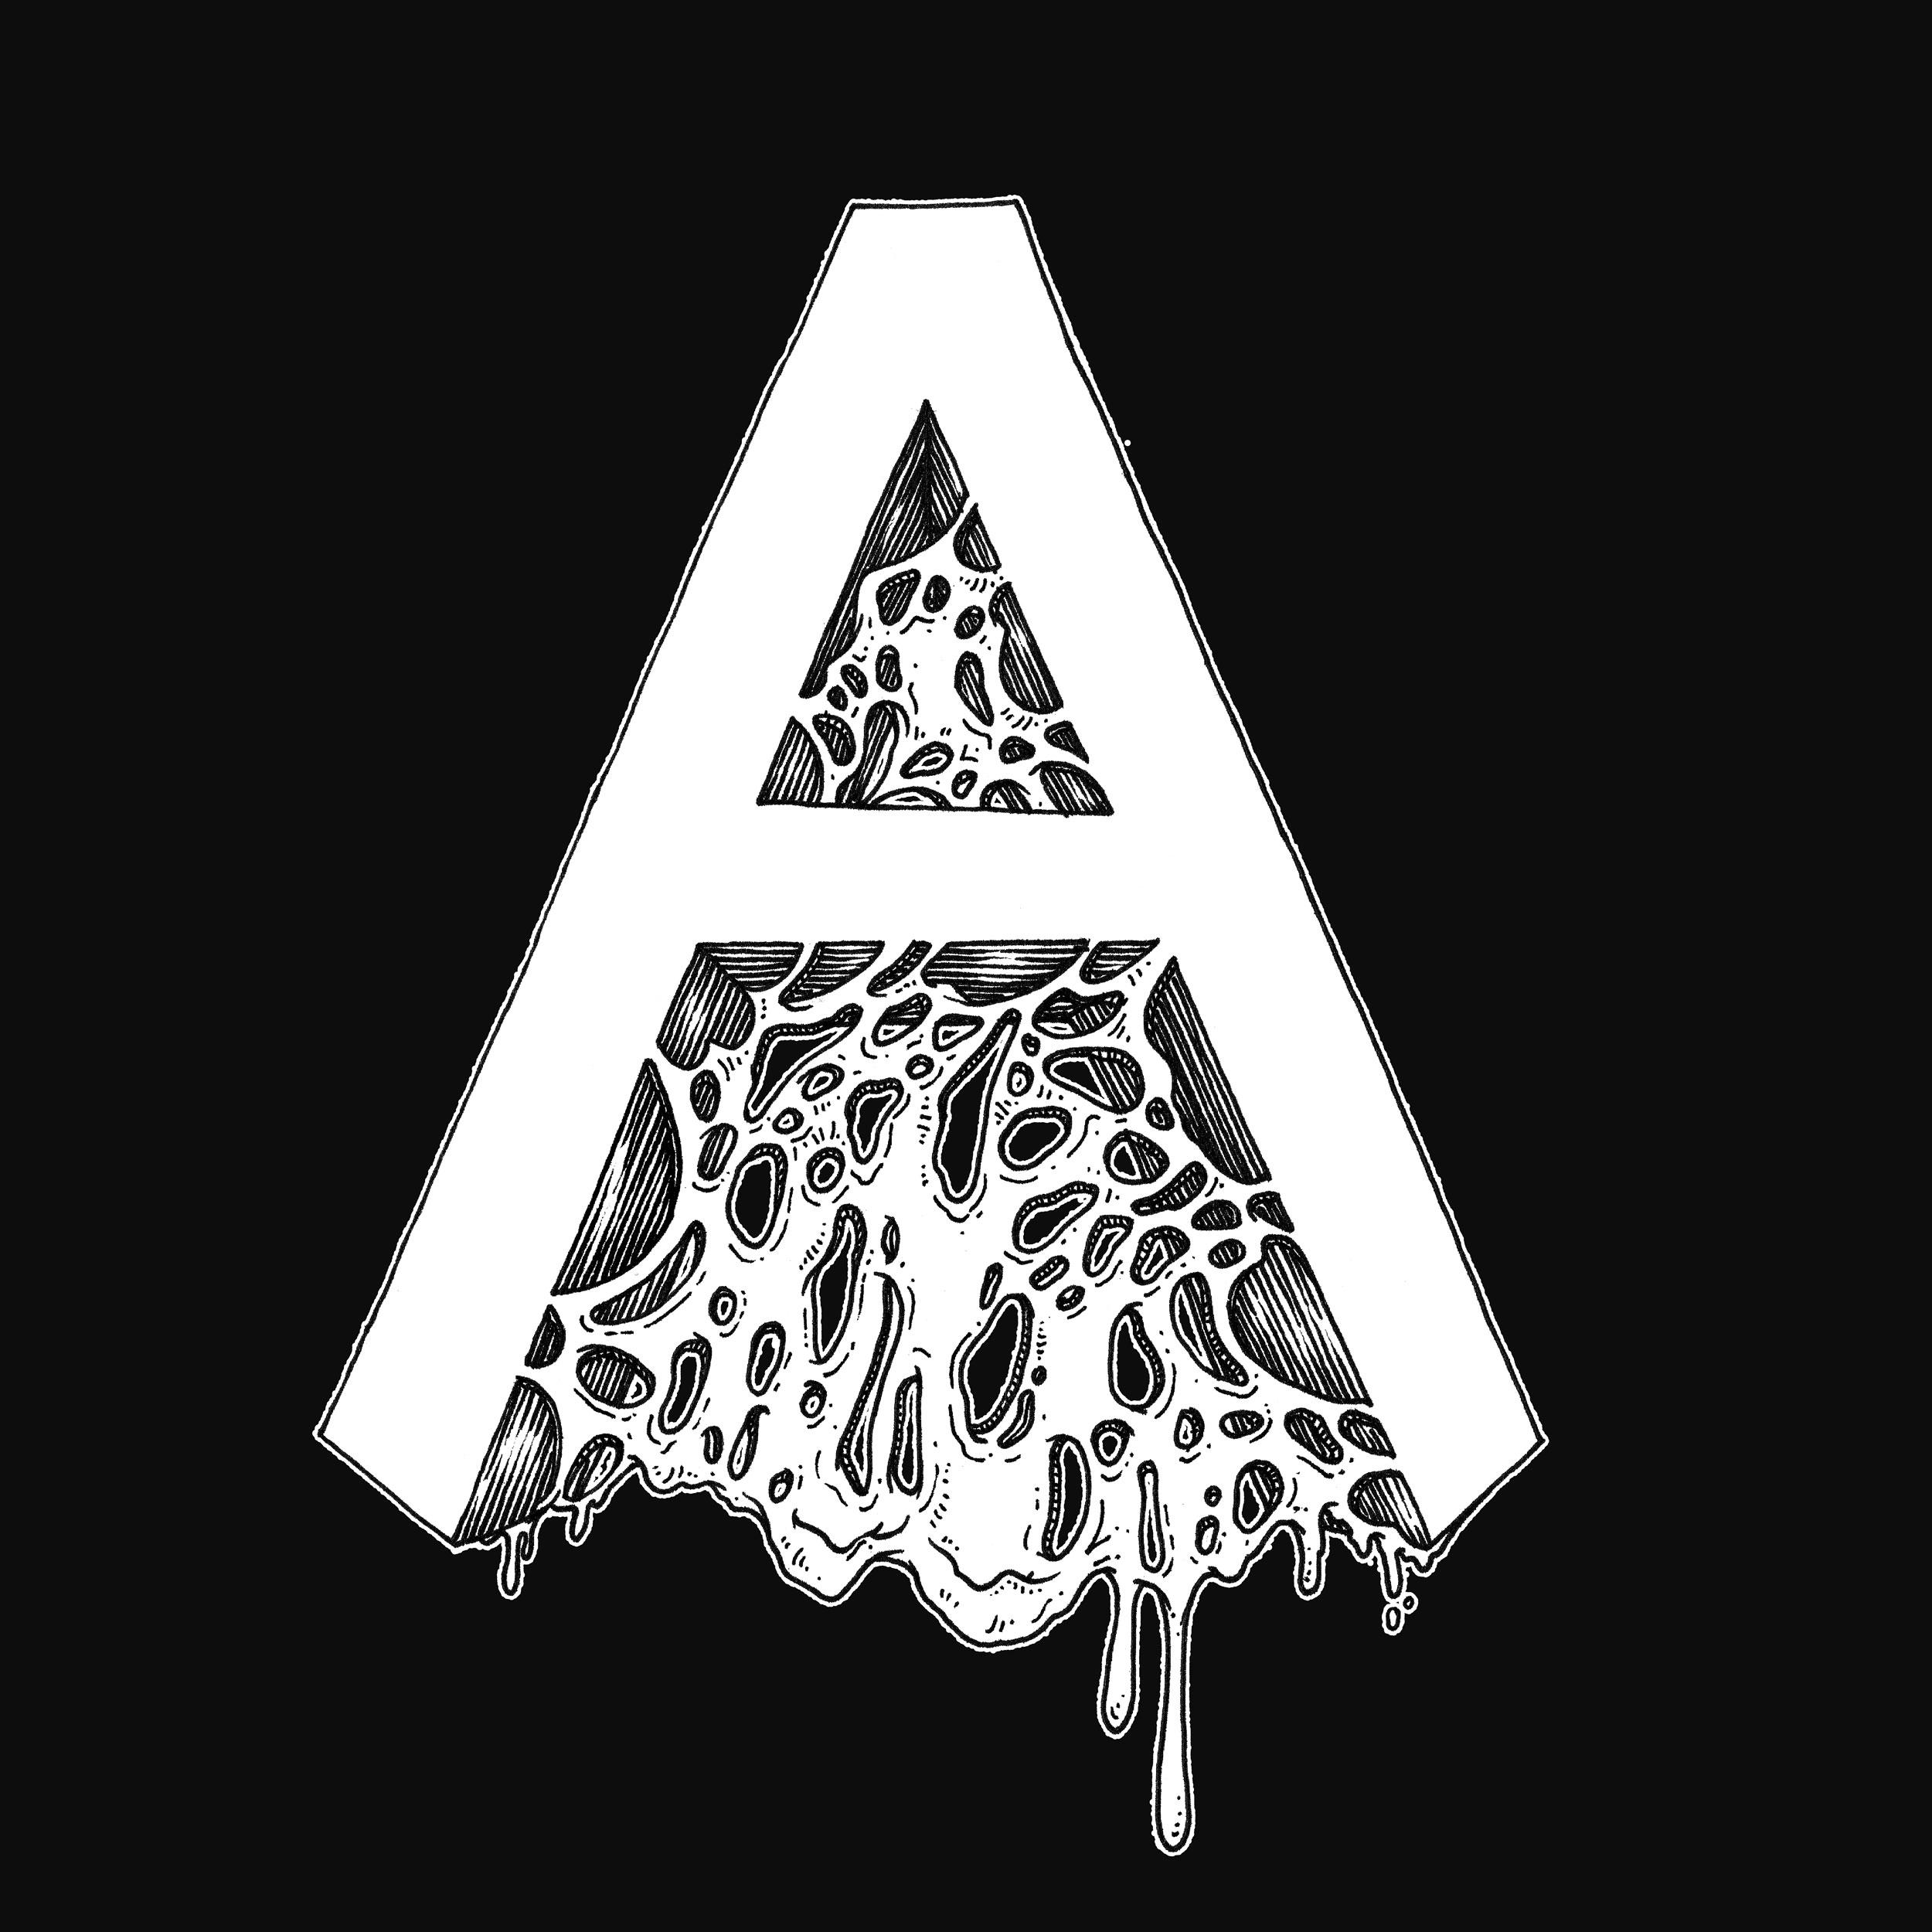 A_01-web.jpg